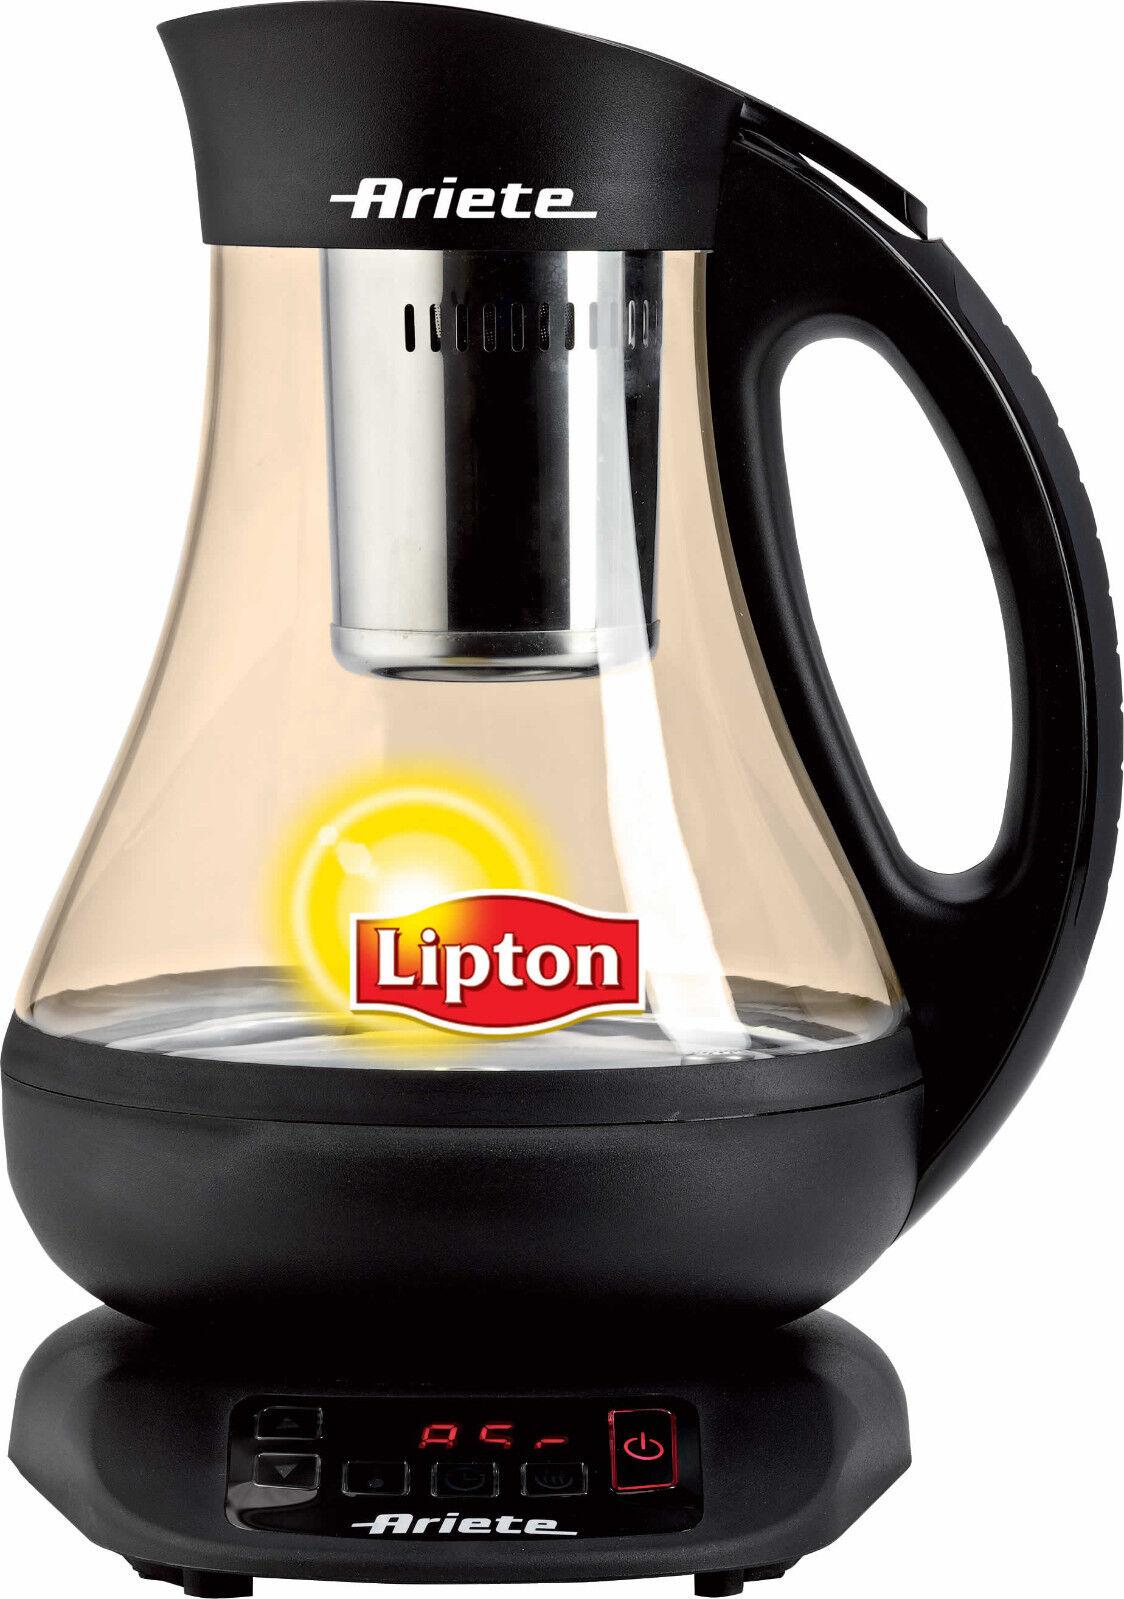 Bollitore elettrico Ariete Lipton automatic tea maker tisane vetro 2894 - Rotex